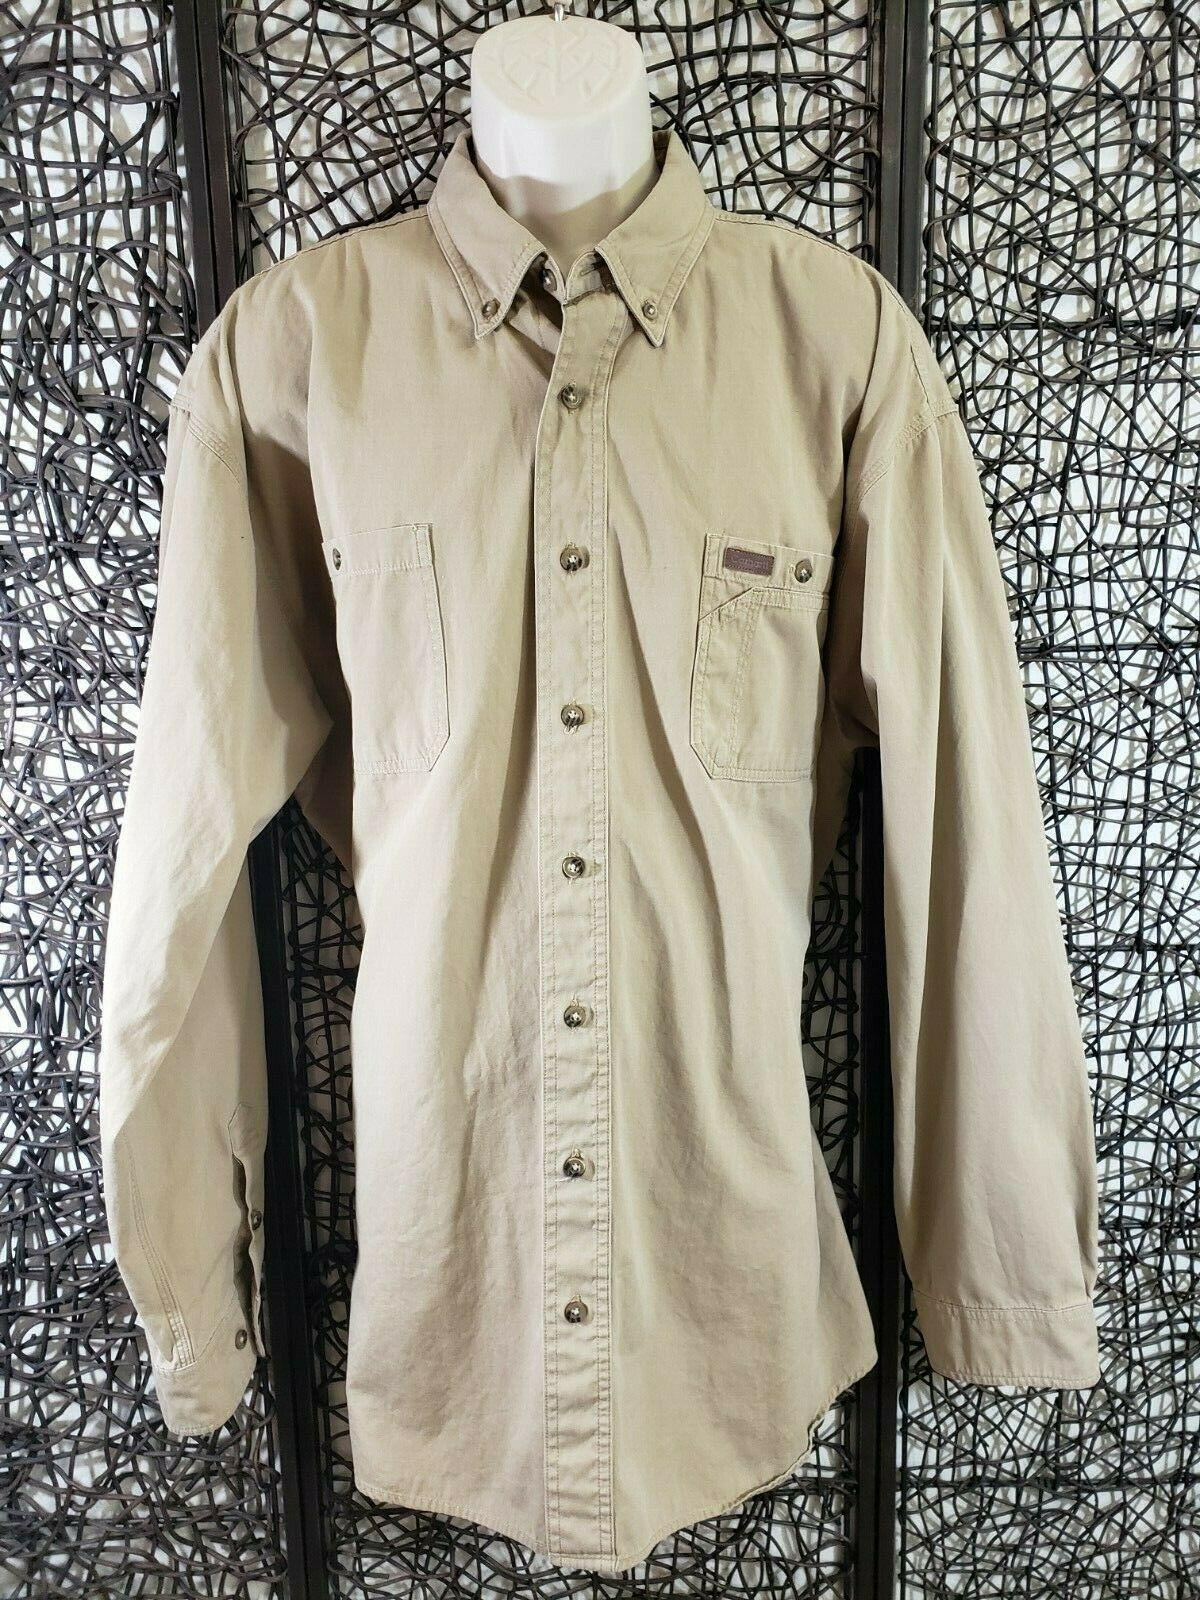 Details About Carhartt Mens Long Sleeve Button Oxford Shirt Size 2xlt Beige 100 Cotton In 2020 Carhartt Shirts Carhartt T Shirt Oxford Shirt